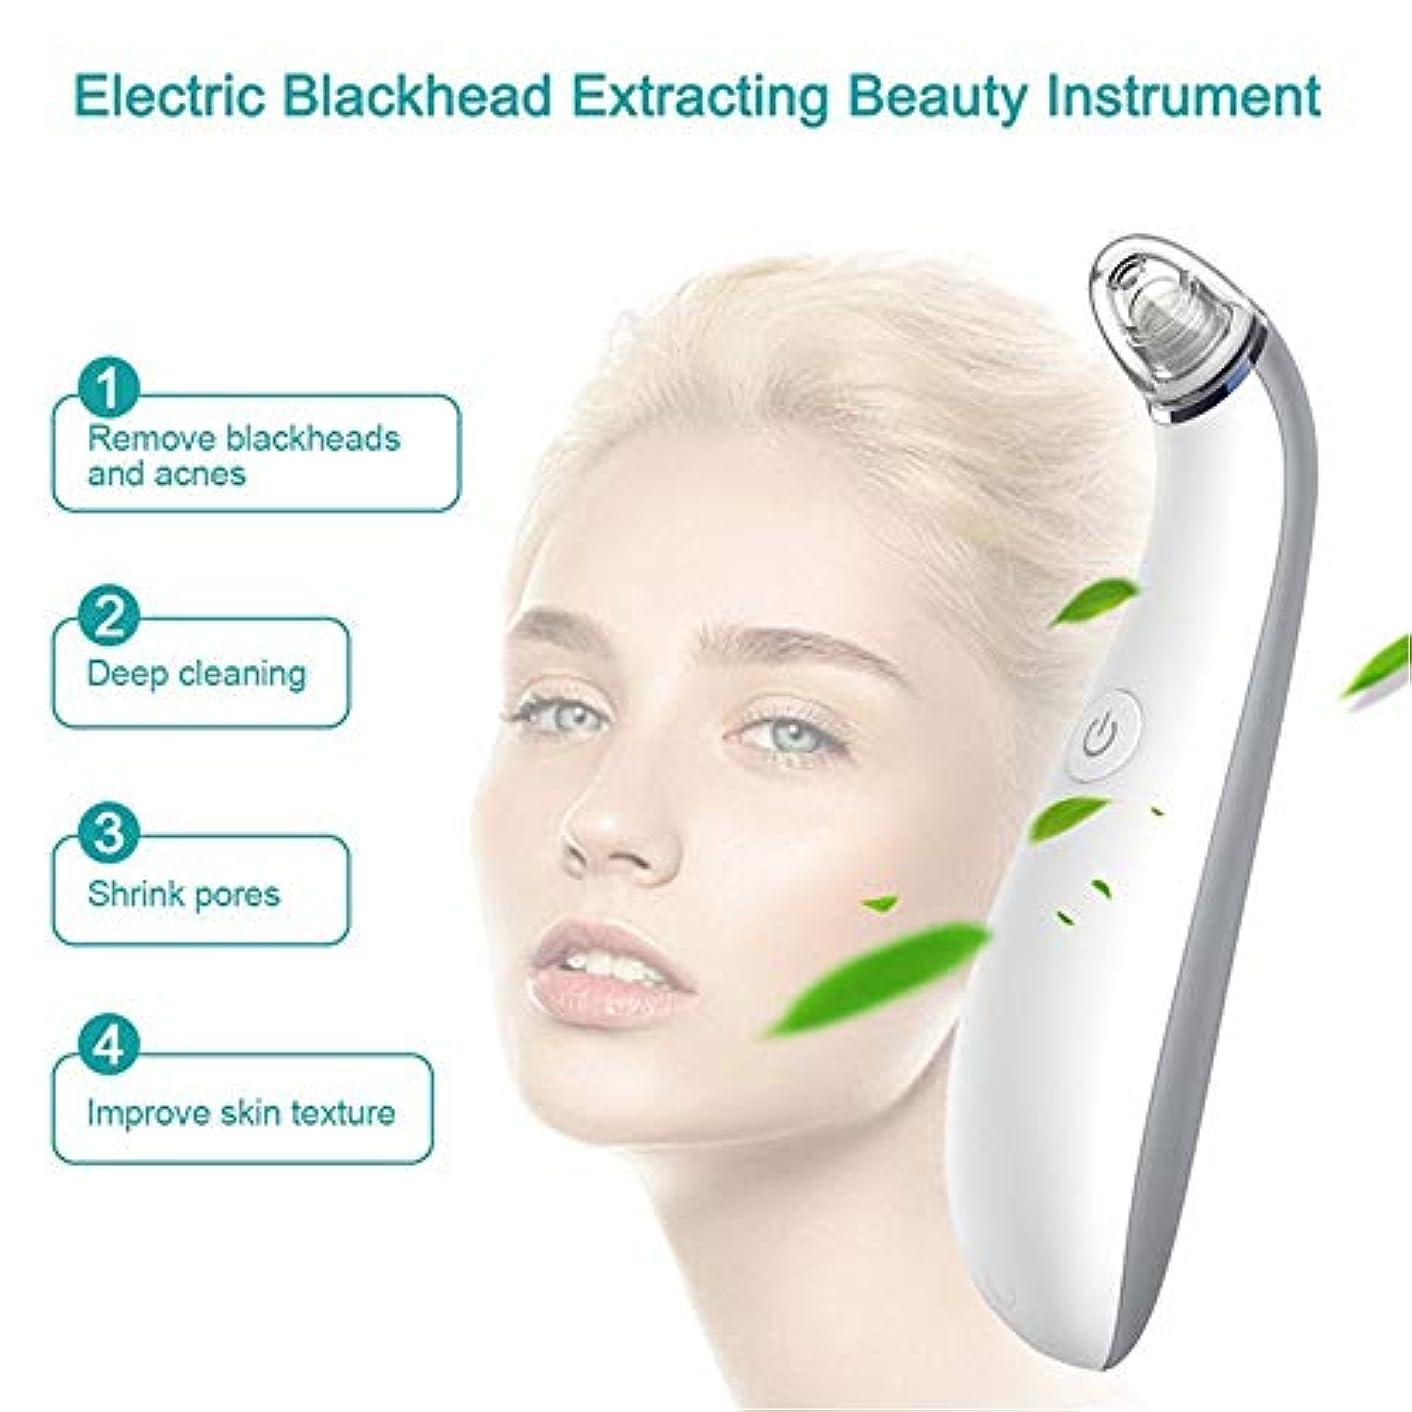 航海の感謝するブリリアント気孔の真空の深くきれいな、皮膚健康のための電気顔の安定した吸引のスキンケア用具4取り替え可能な吸引の頭部USB再充電可能